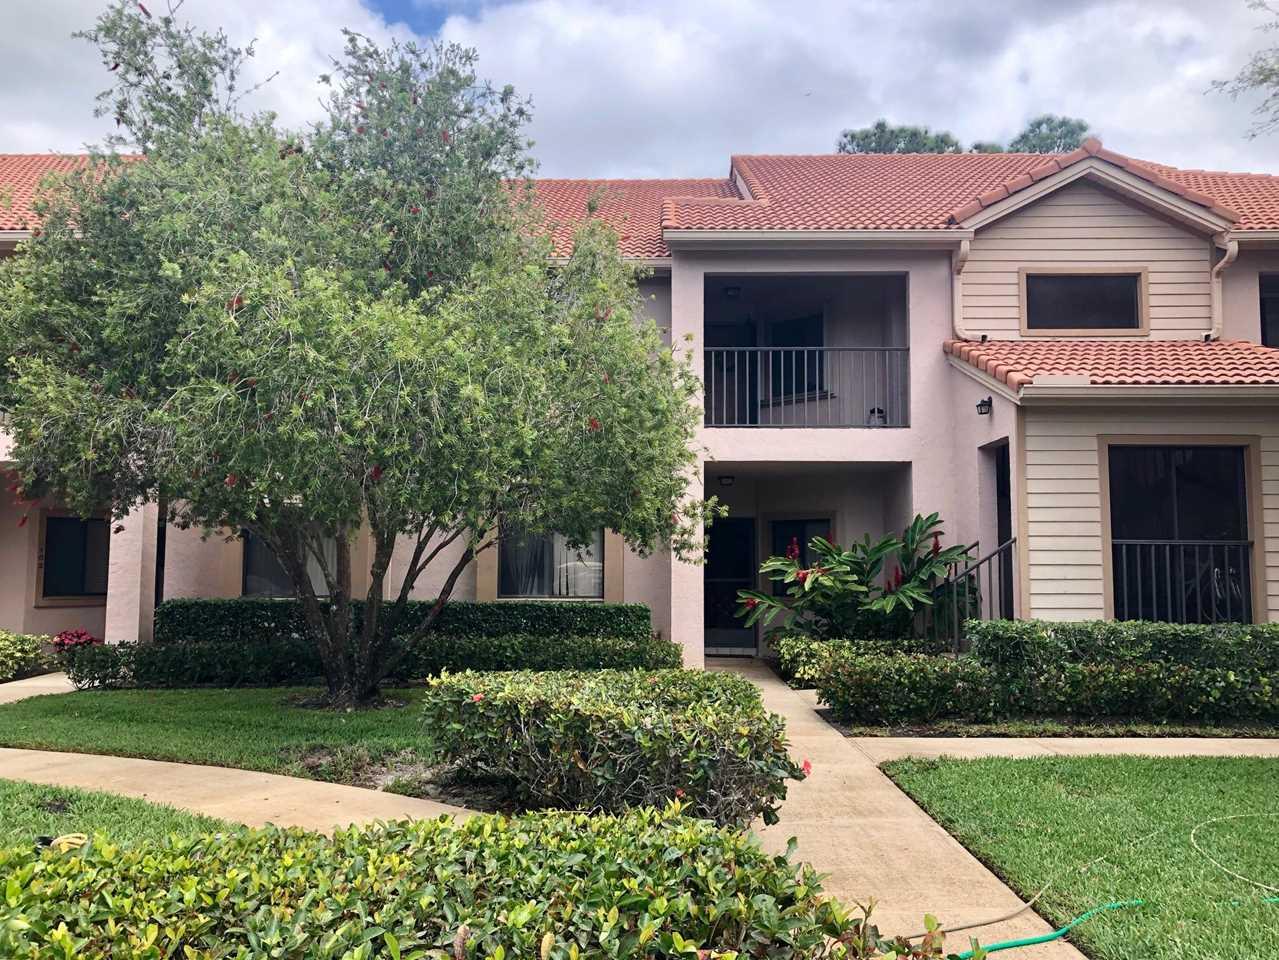 1143 Duncan Circle #103 Palm Beach Gardens, FL 33418 | MLS RX-10513342 Photo 1